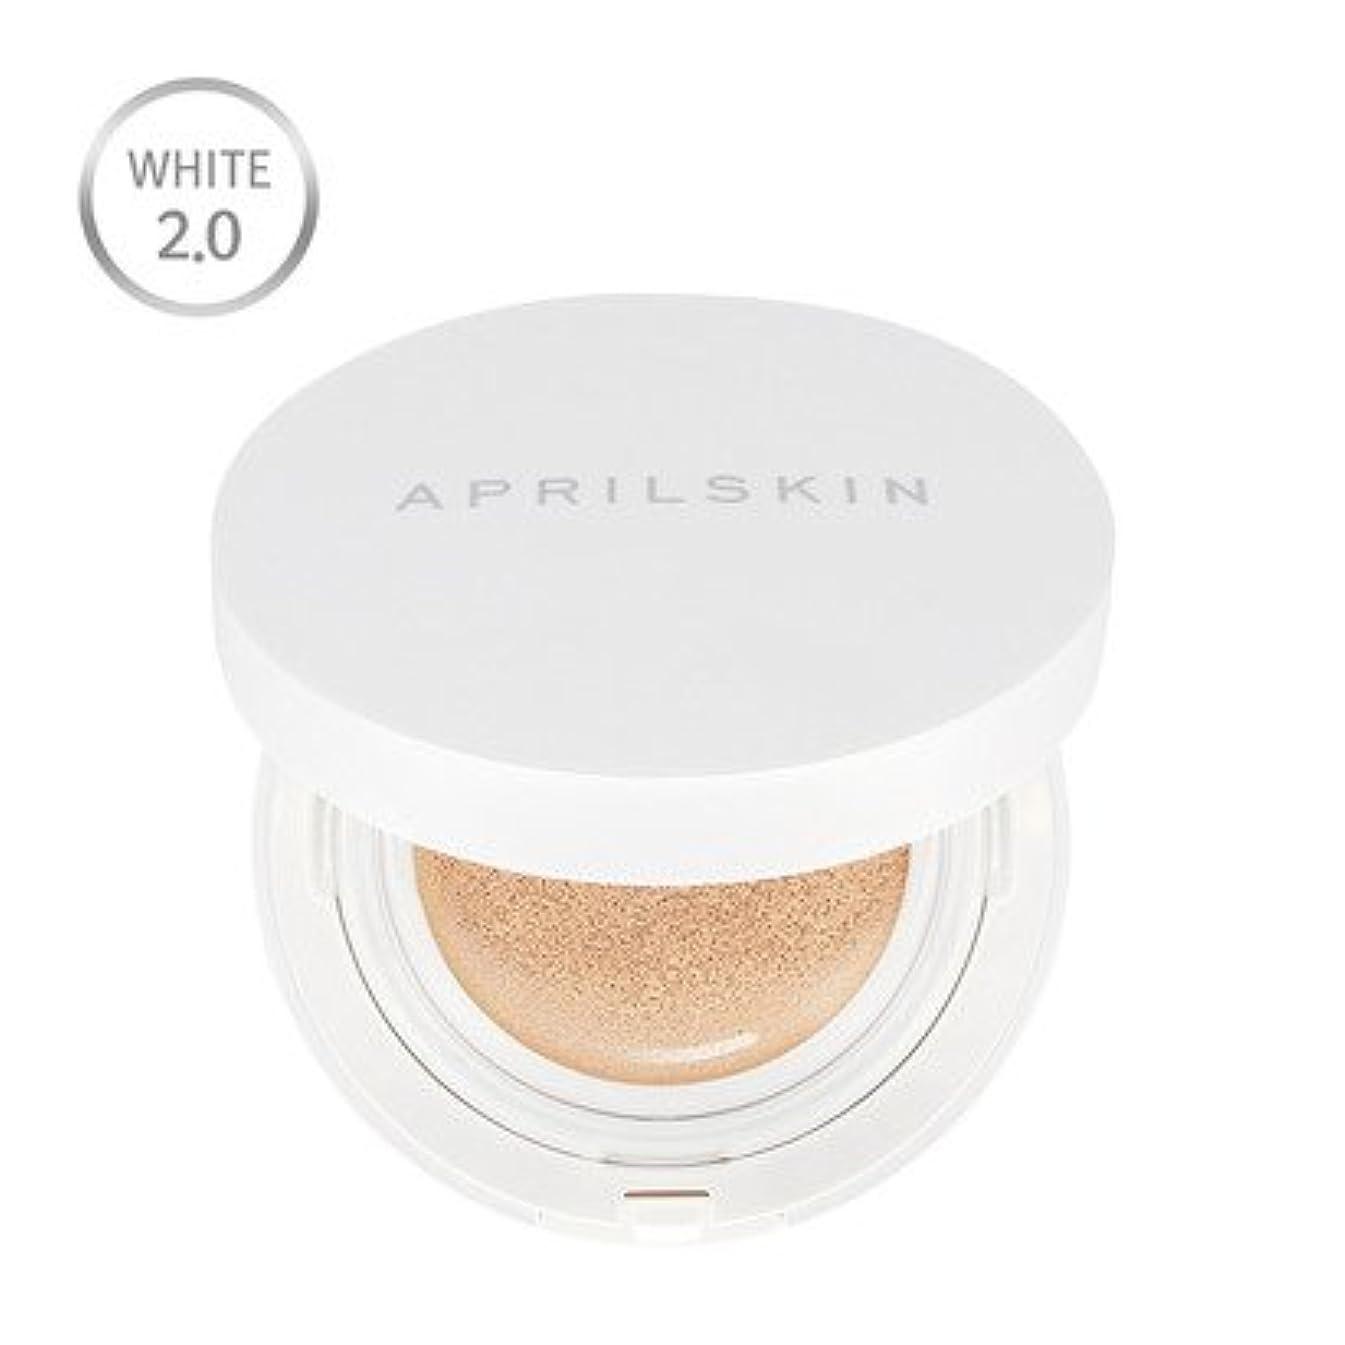 海魅了する討論[Renewal] APRILSKIN Magic Snow Cushion * White * 2.0 15g/エイプリルスキン マジック スノー クッション * ホワイト * 2.0 15g (#21 Light Beige...